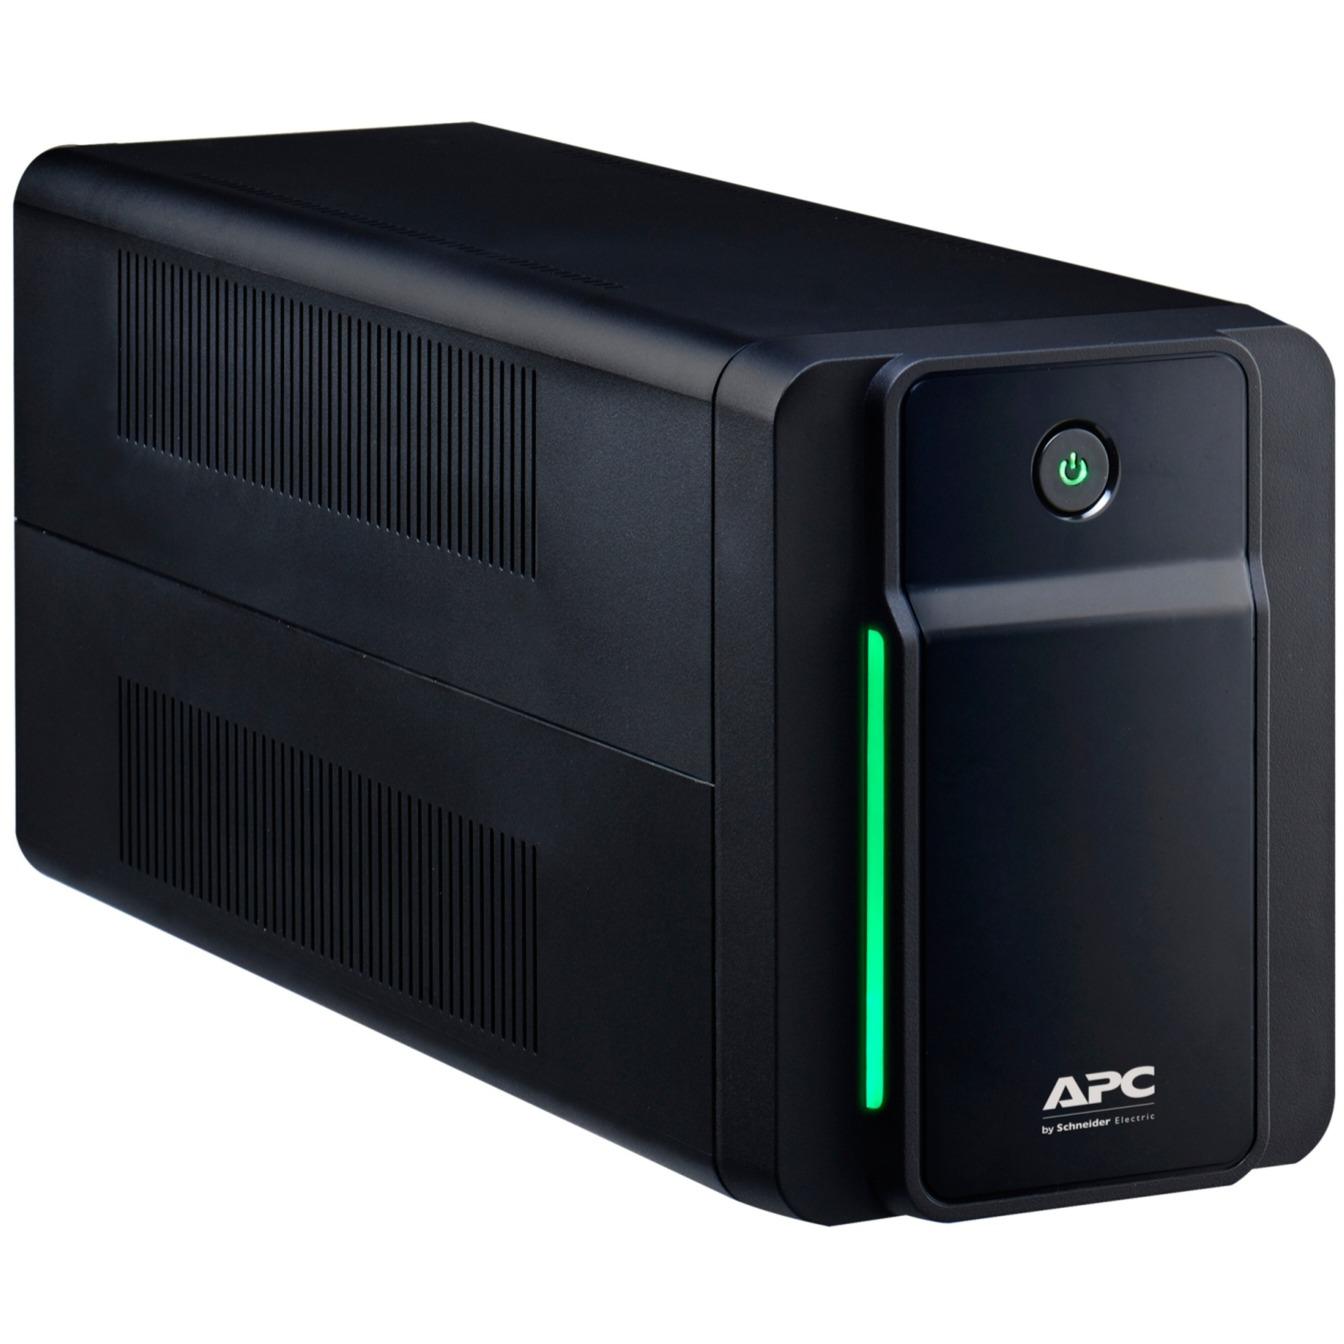 Image of Back-UPS 750VA, 230V, AVR, Schutzkontakt Sockets, USV